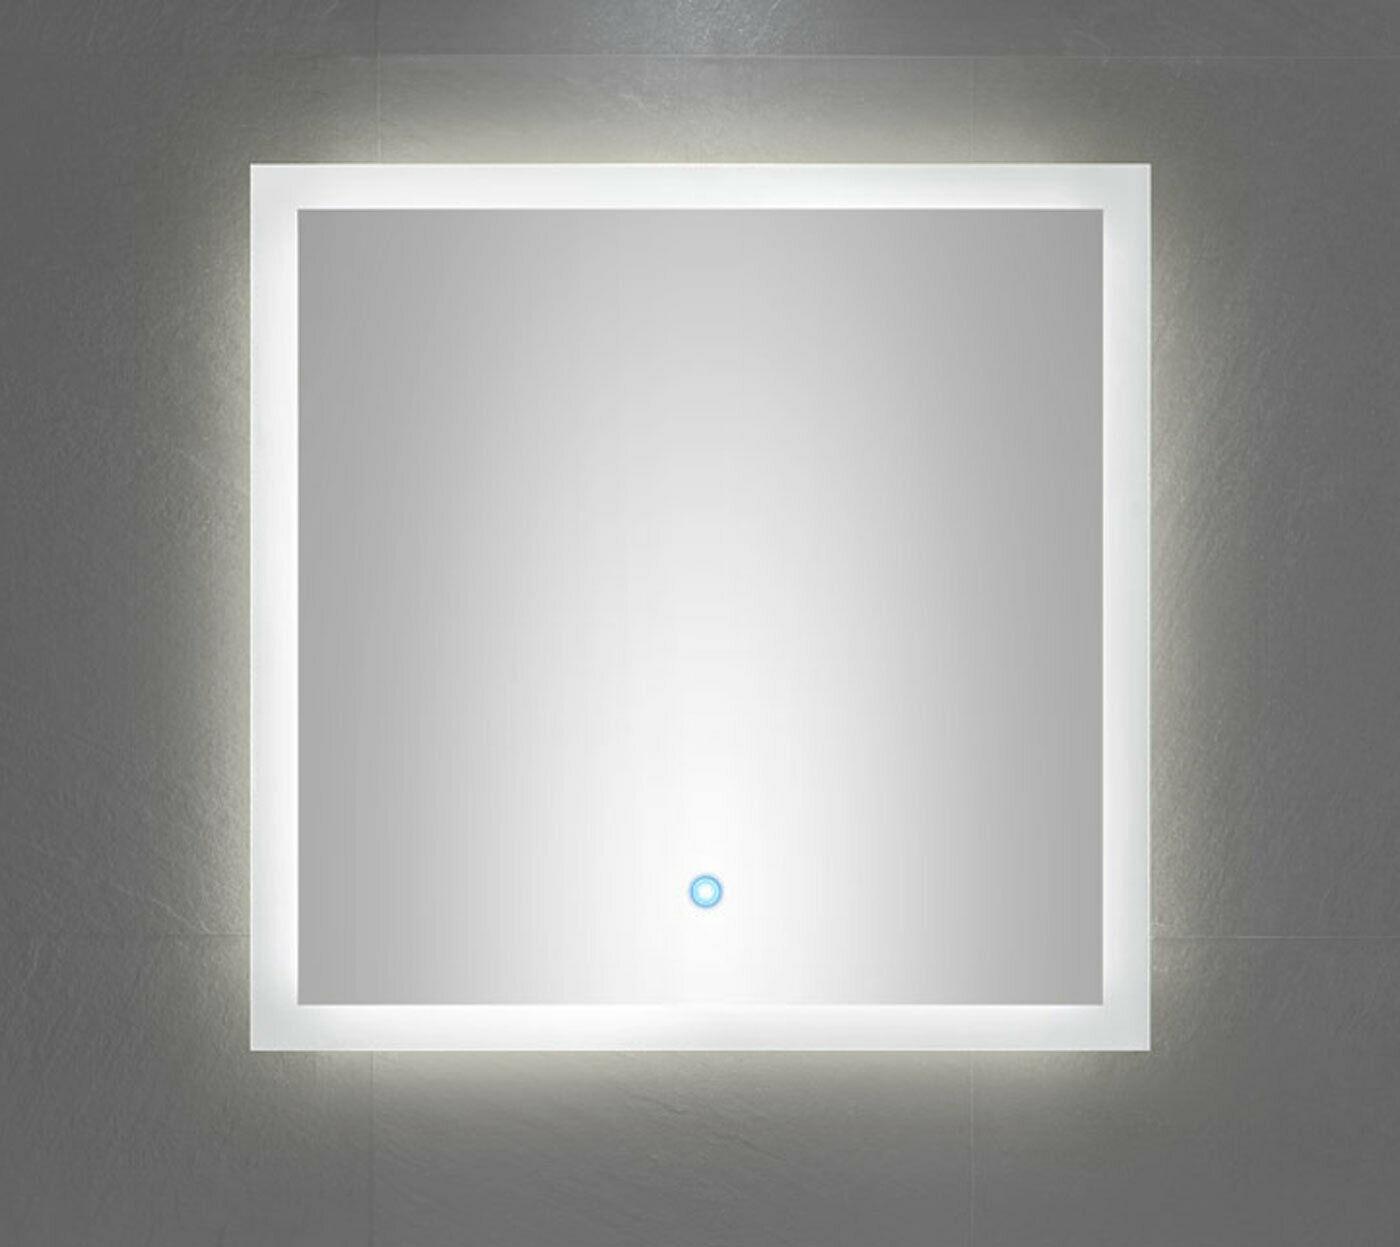 Hervorragend LED Badspiegel 60x60 cm Touch Bedienung Spiegel warmweiss 120 LED GH07